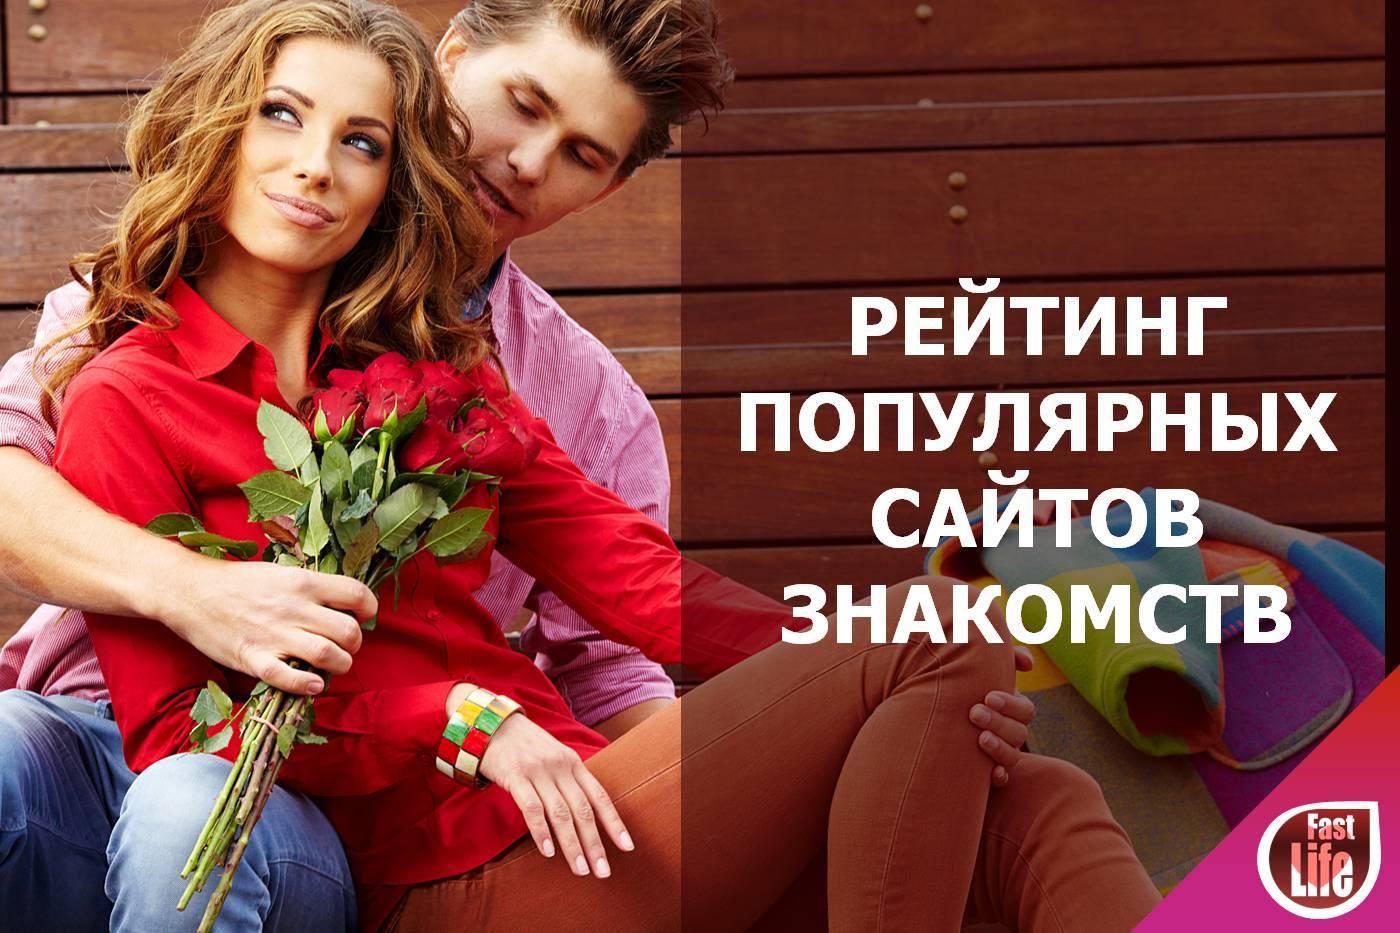 Знакомства в москве лёгкие отношения знакомства г фурманов